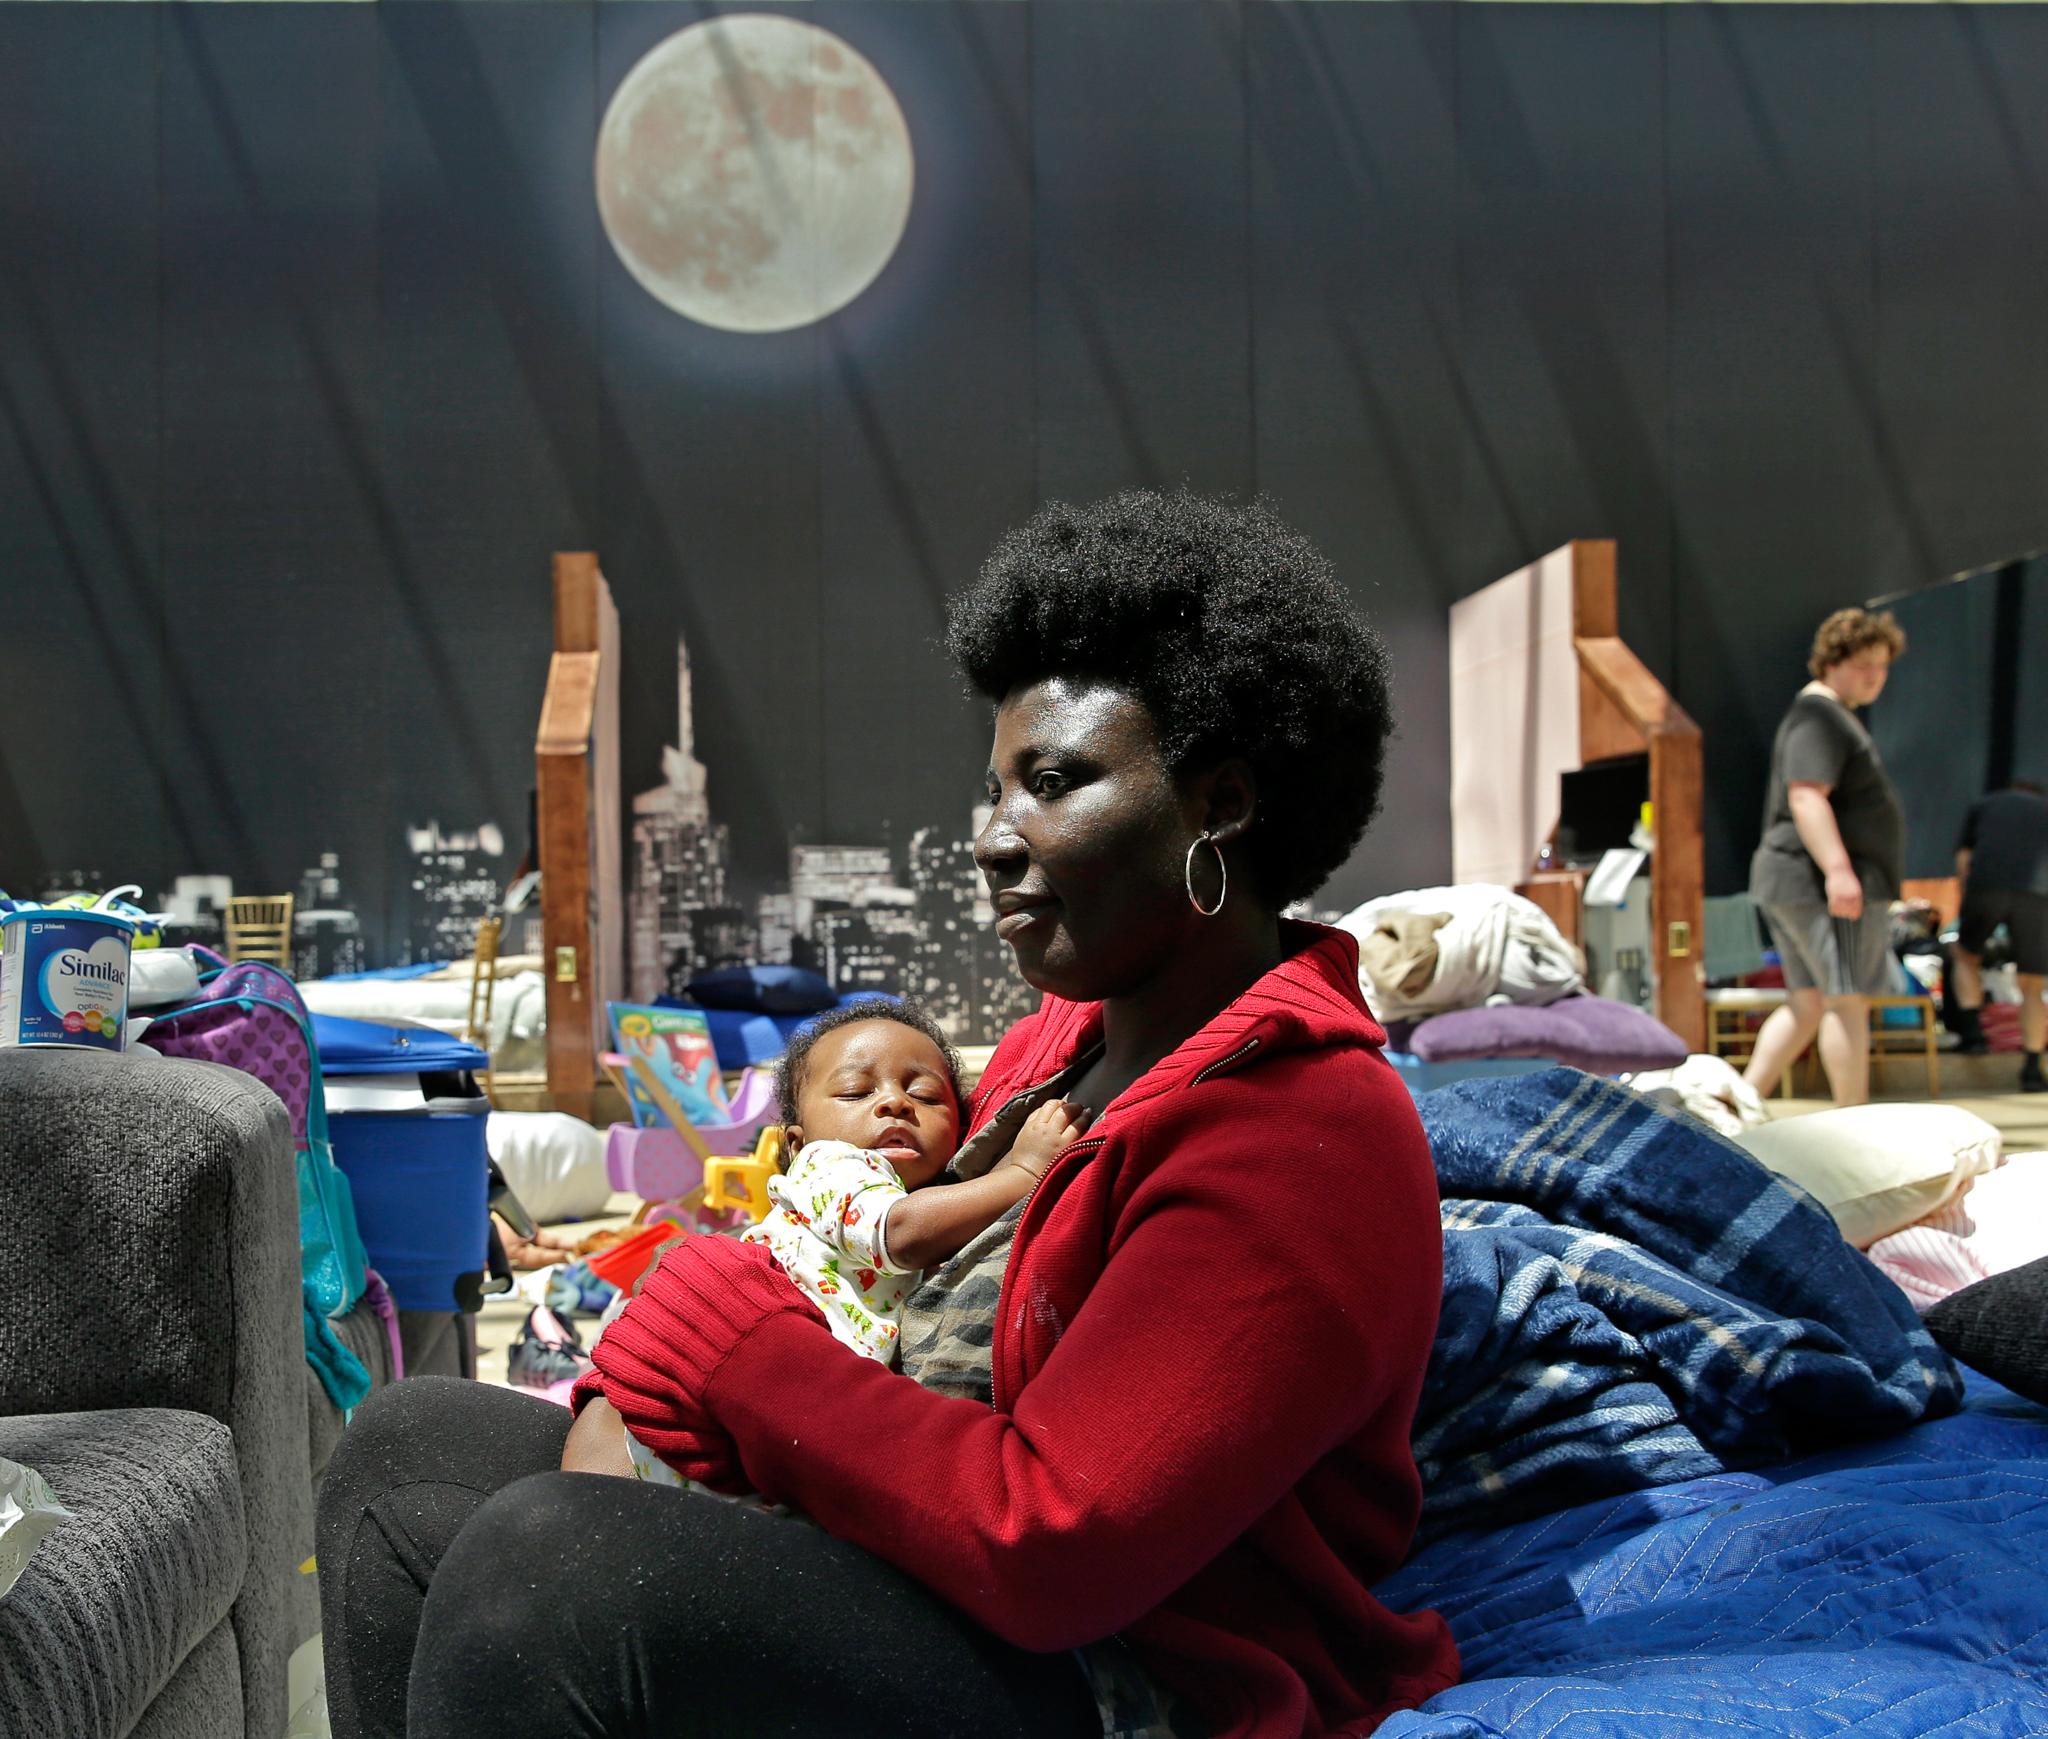 چاند اور ڈیزائن والی دیوار کے پس منظر میں اپنے بچے کو تھامے ہوئے ایک عورت۔ (© AP Images)